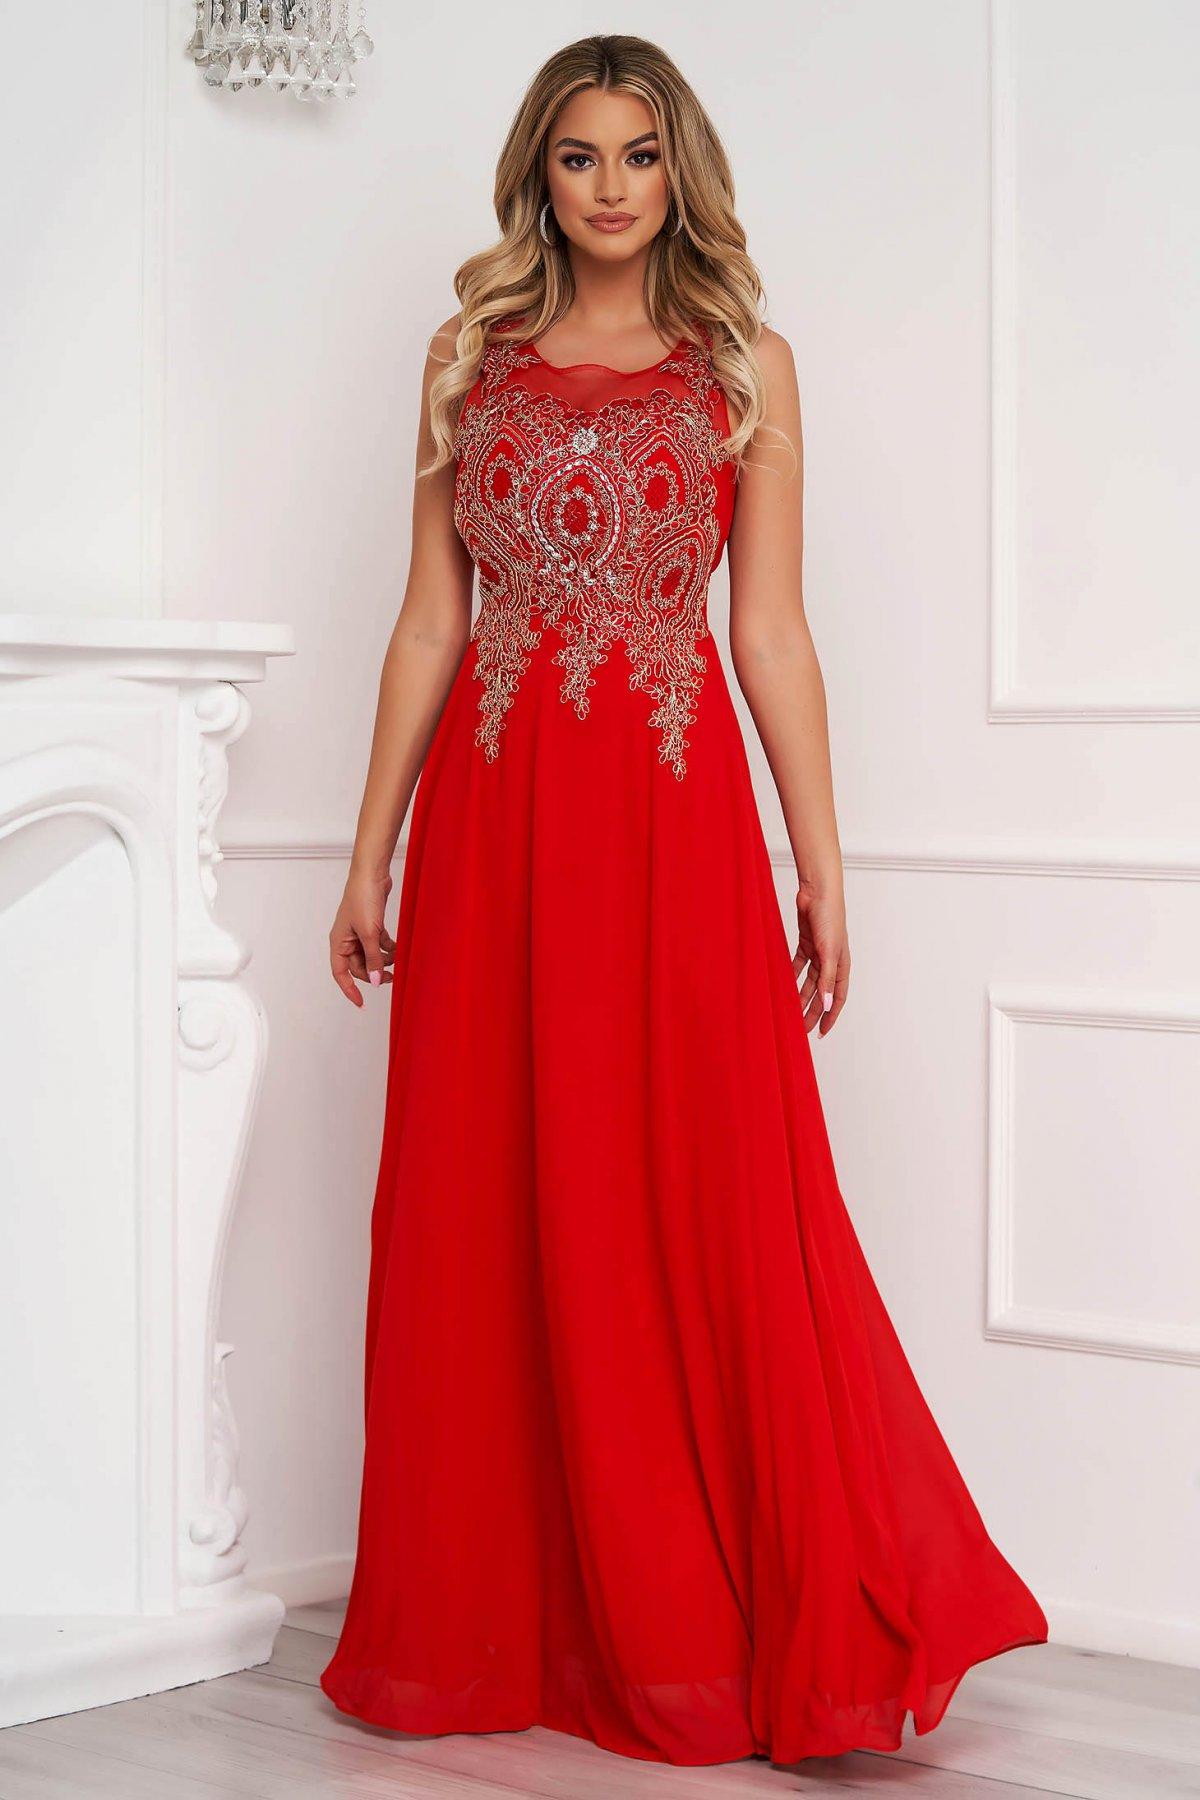 Rochie rosie lunga de ocazie in clos din tul cu broderie in fata si aplicatii cu pietre strass